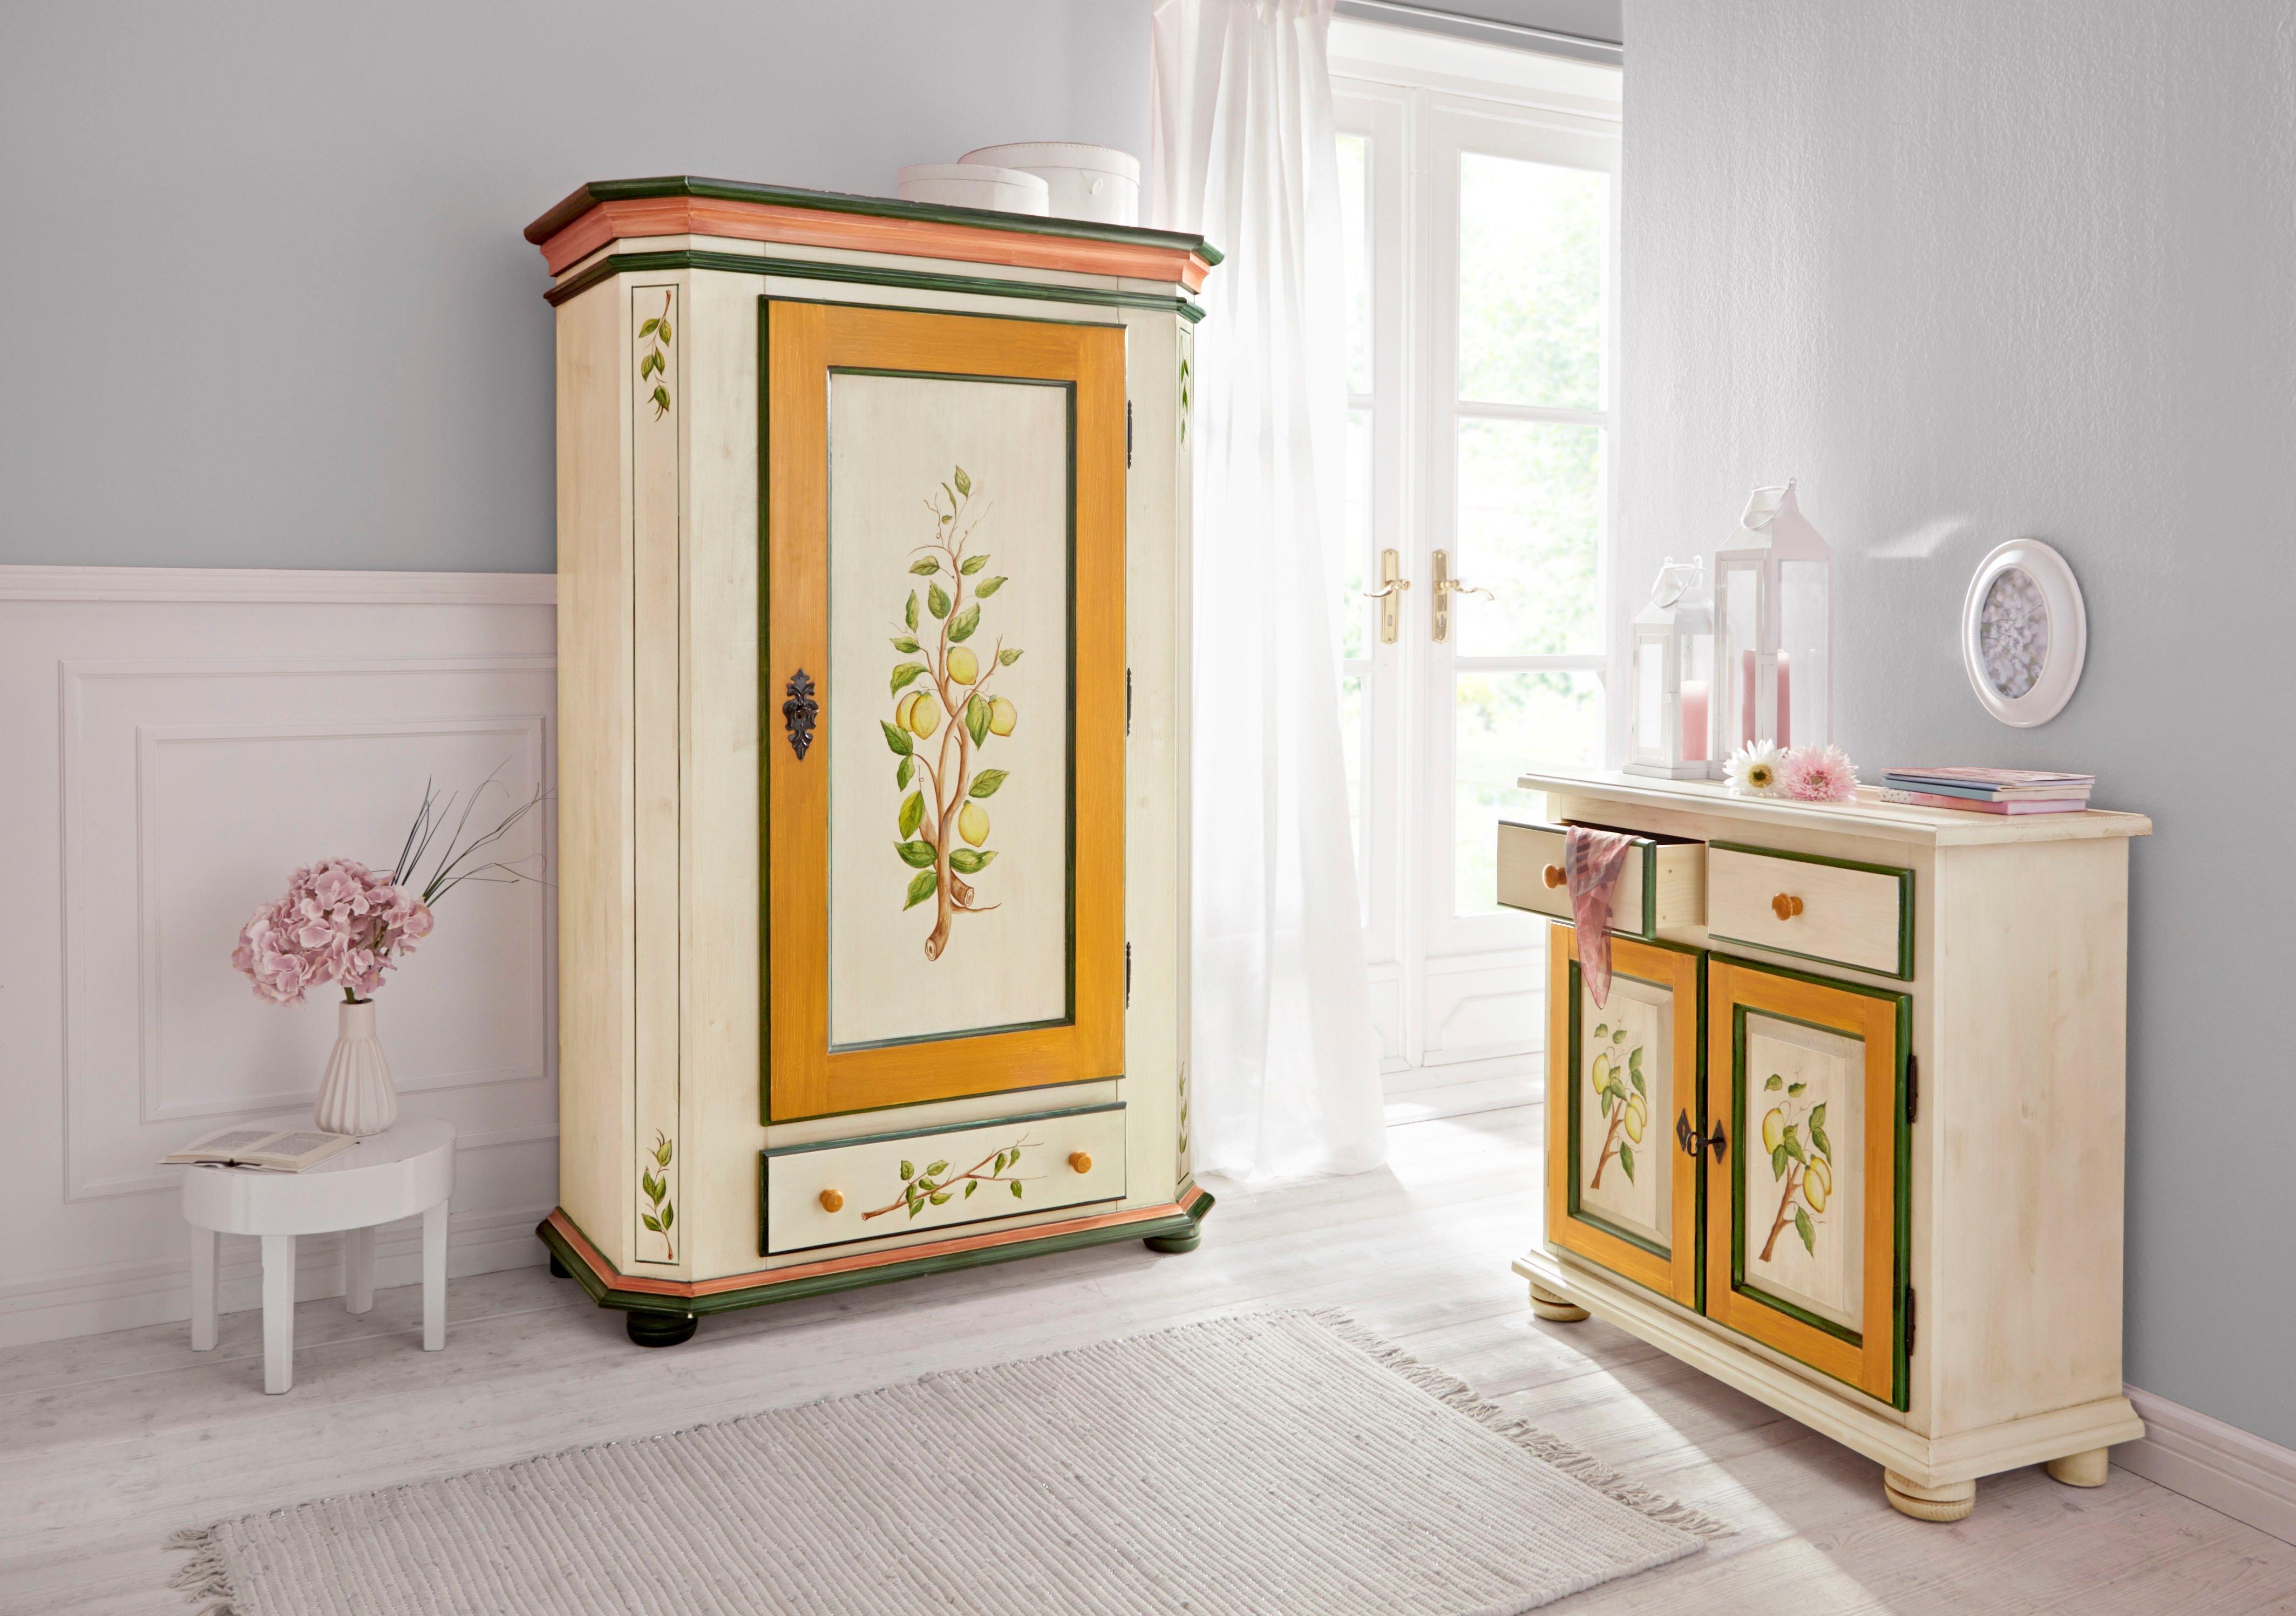 Home affaire kast Citroen met mooie met de hand geschilderde citroenschilderingen op de deurfronten, breedte 85 cm bestellen: 30 dagen bedenktijd